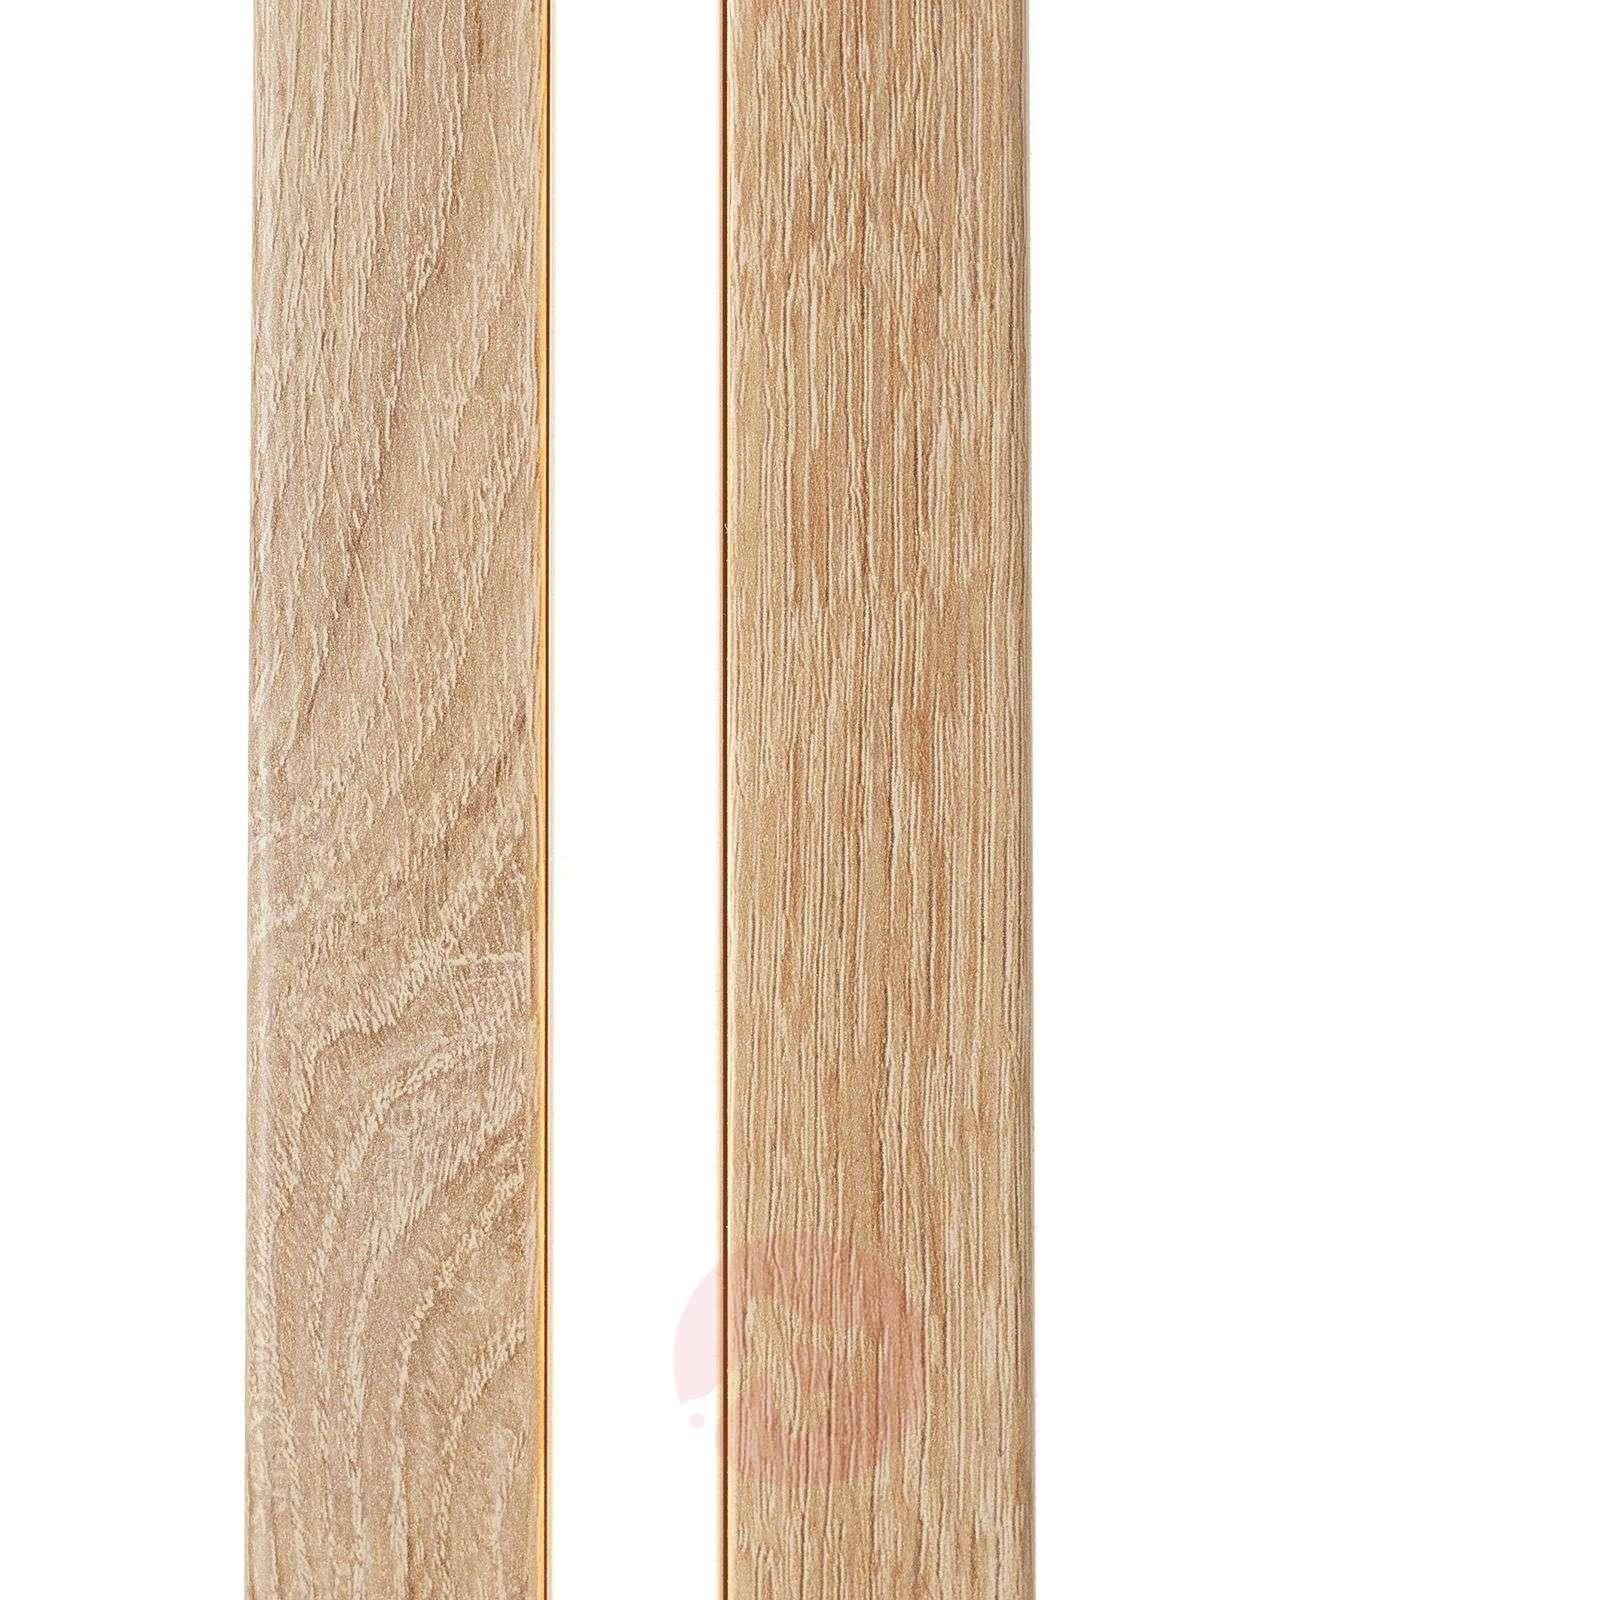 Moderni LED-lattiavalaisin Self vaaleaa tammea-7007637-02